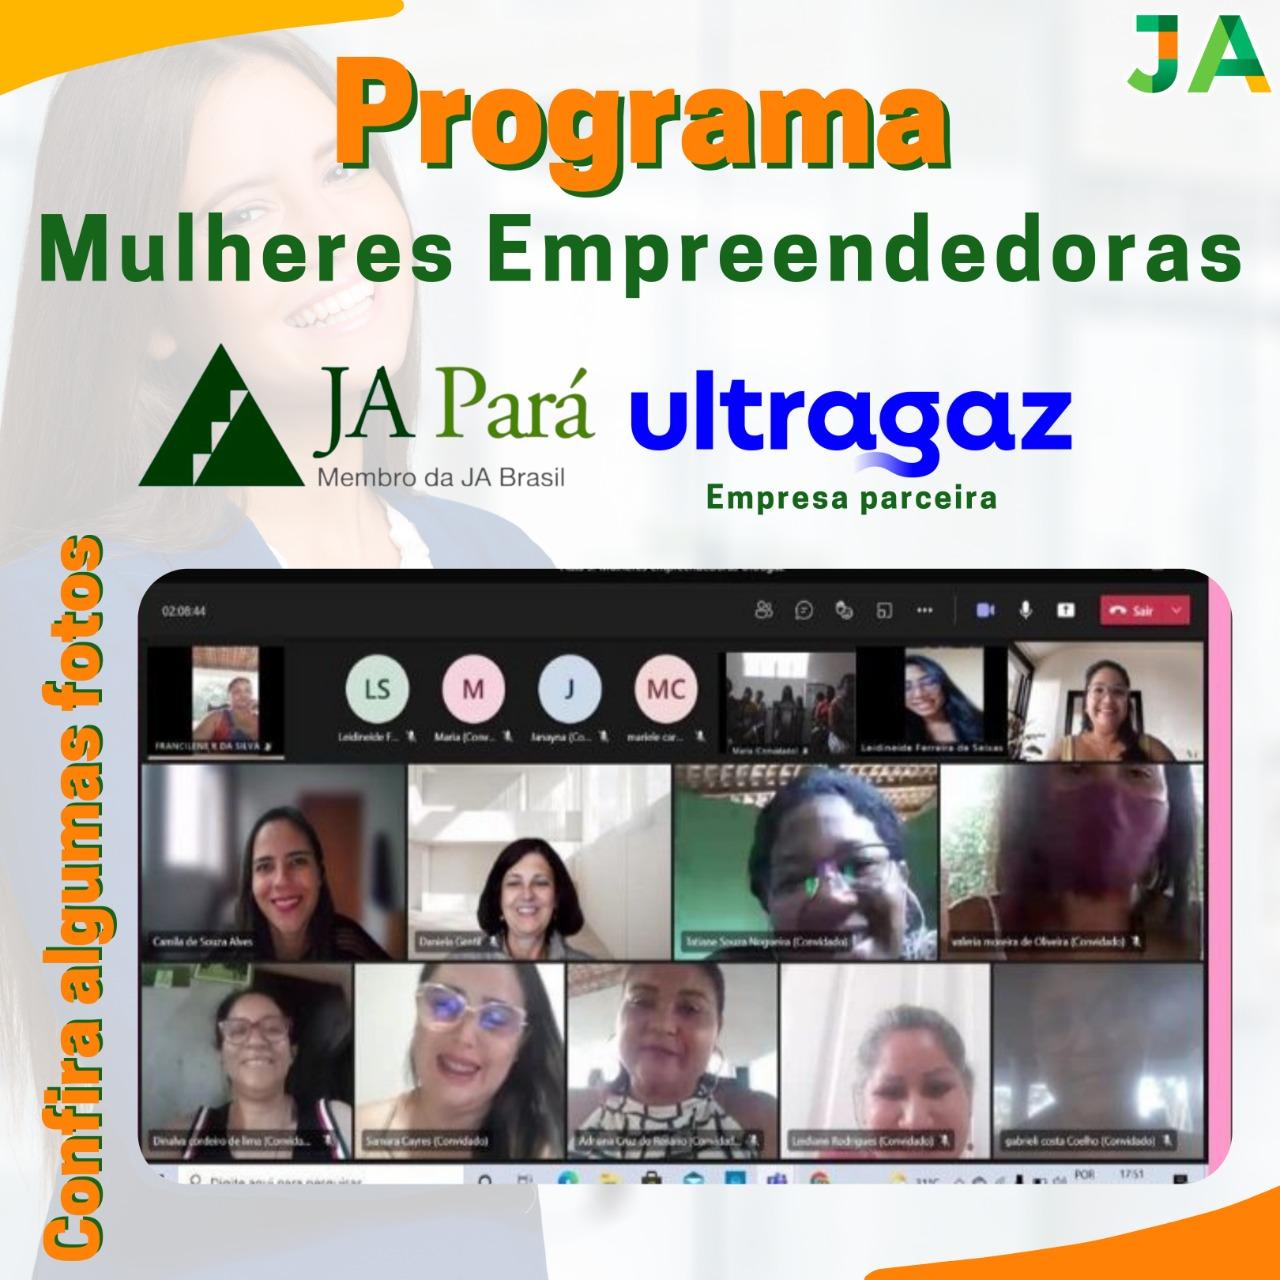 Mulheres empreendedoras em parceria com a Ultragaz estimula o protagonismo feminino por todo o Pará